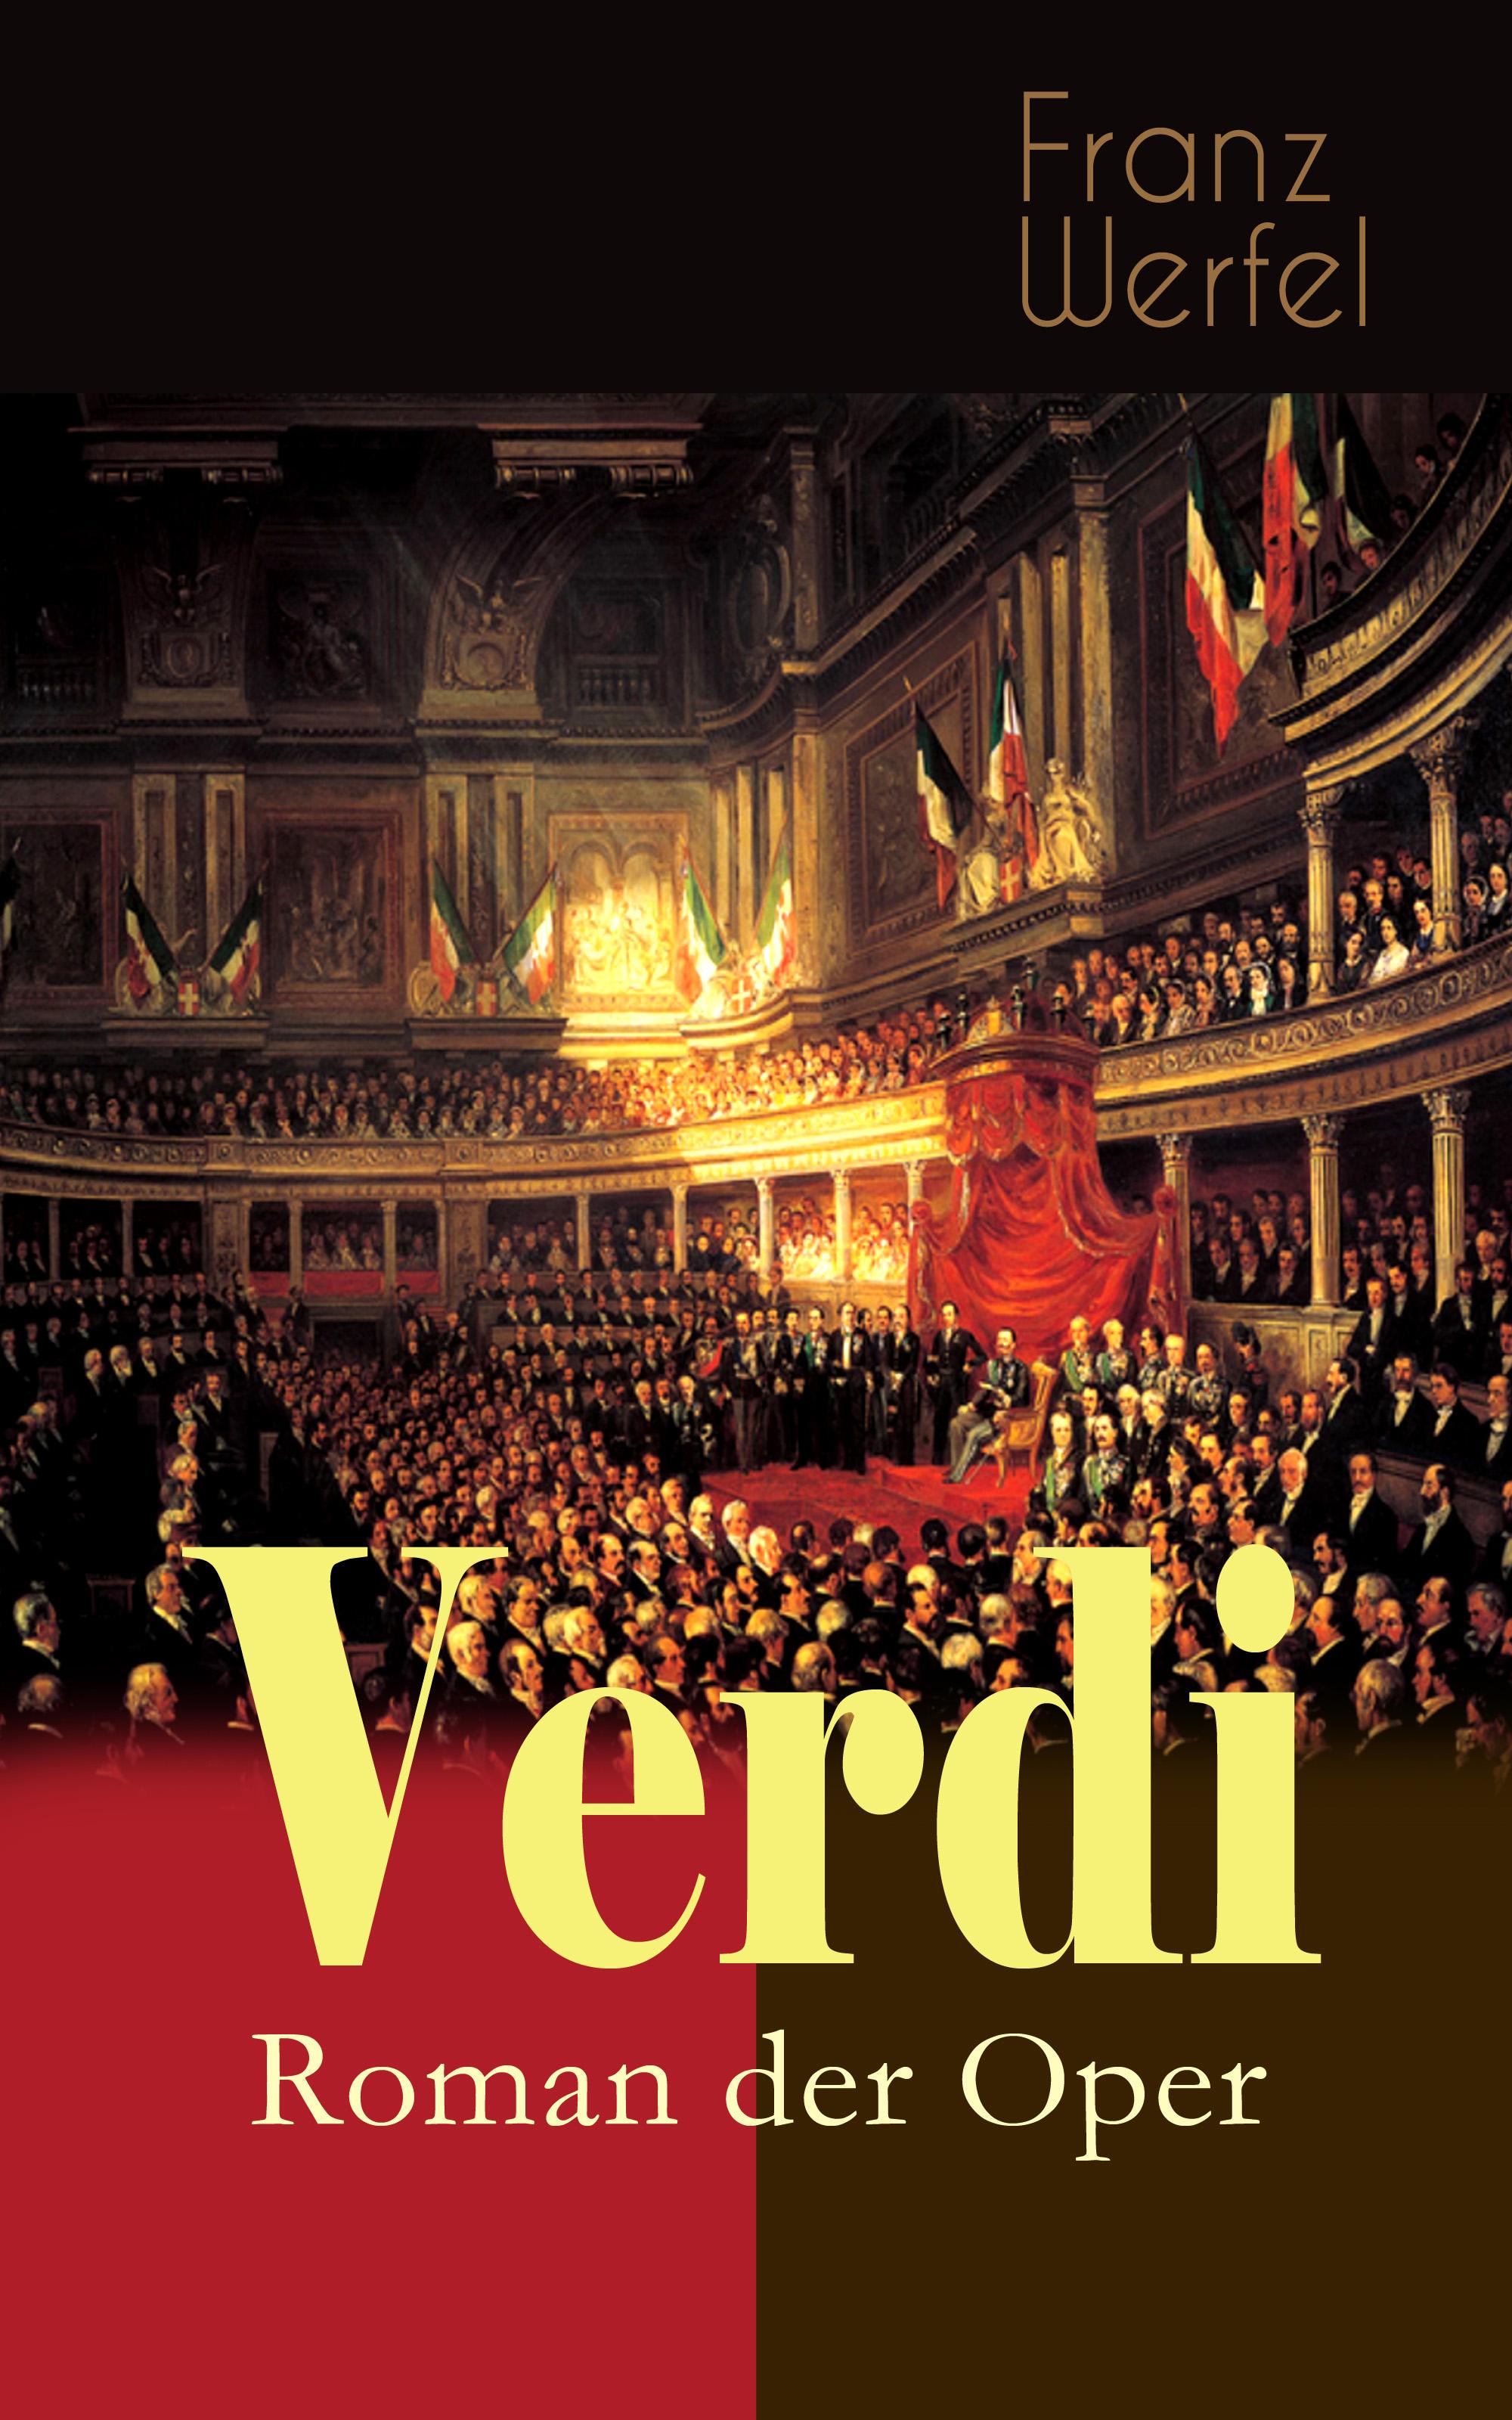 Franz Werfel Verdi - Roman der Oper